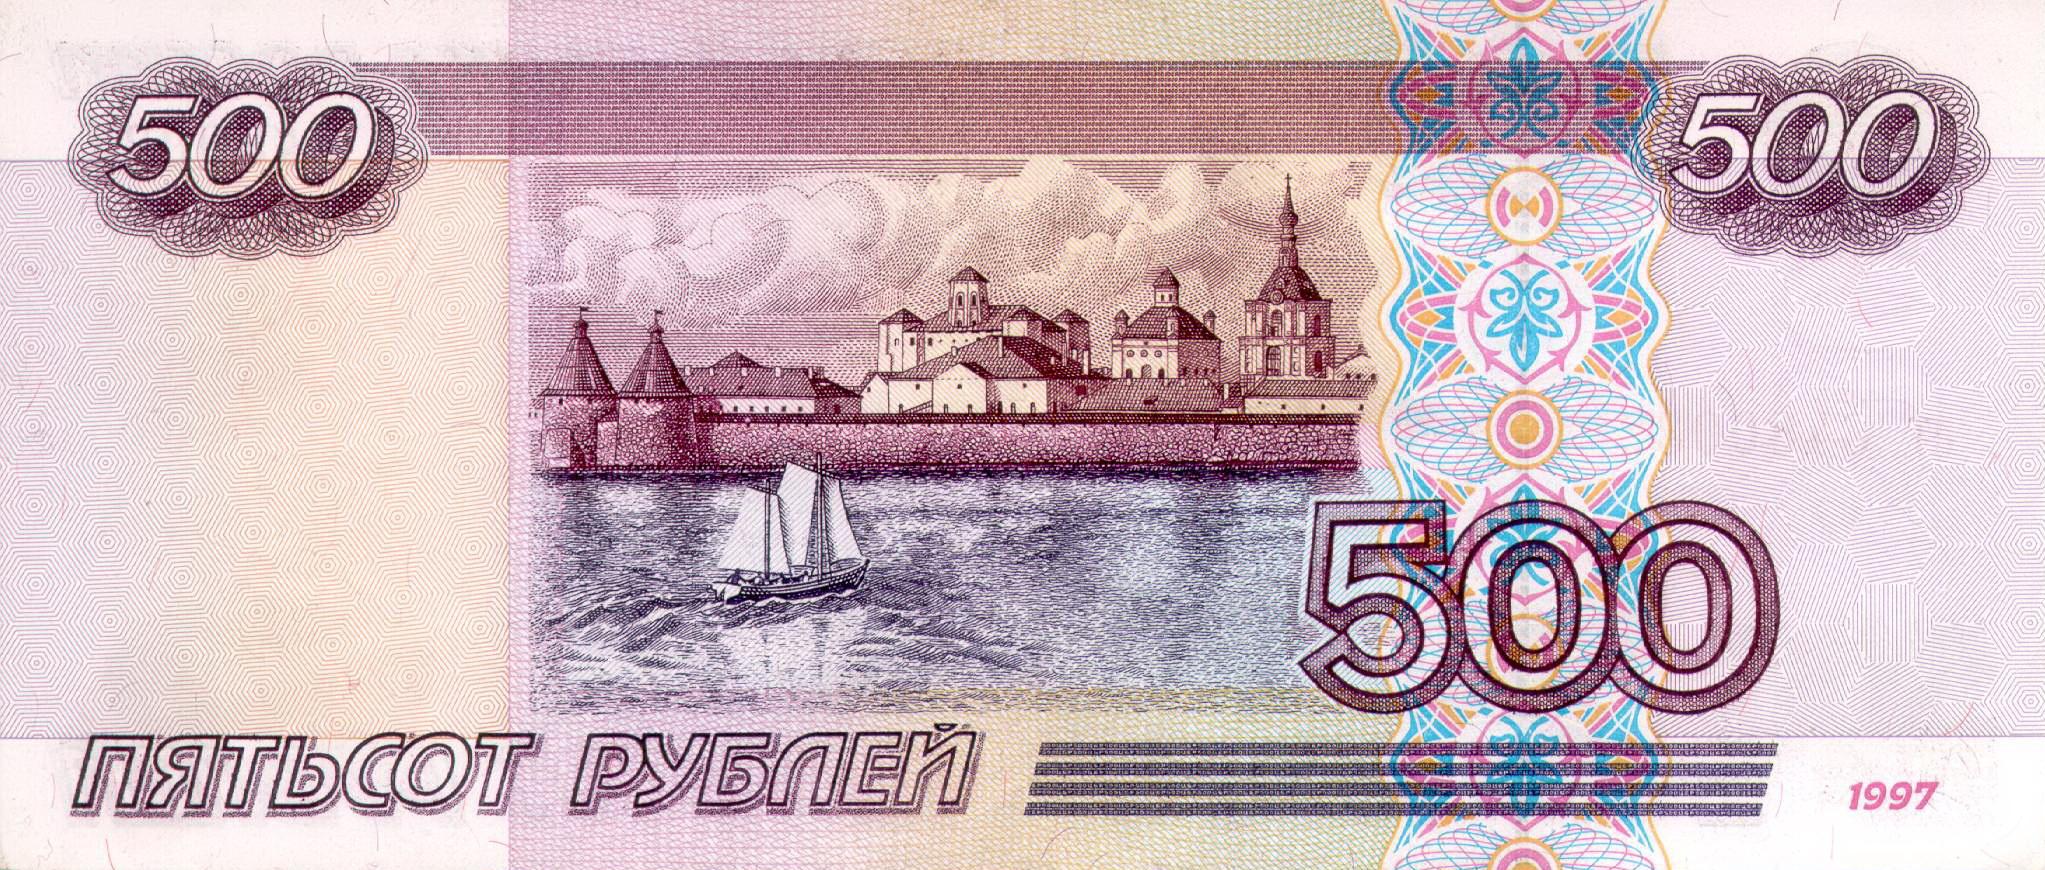 Пятьсот рублей архивные фото перми